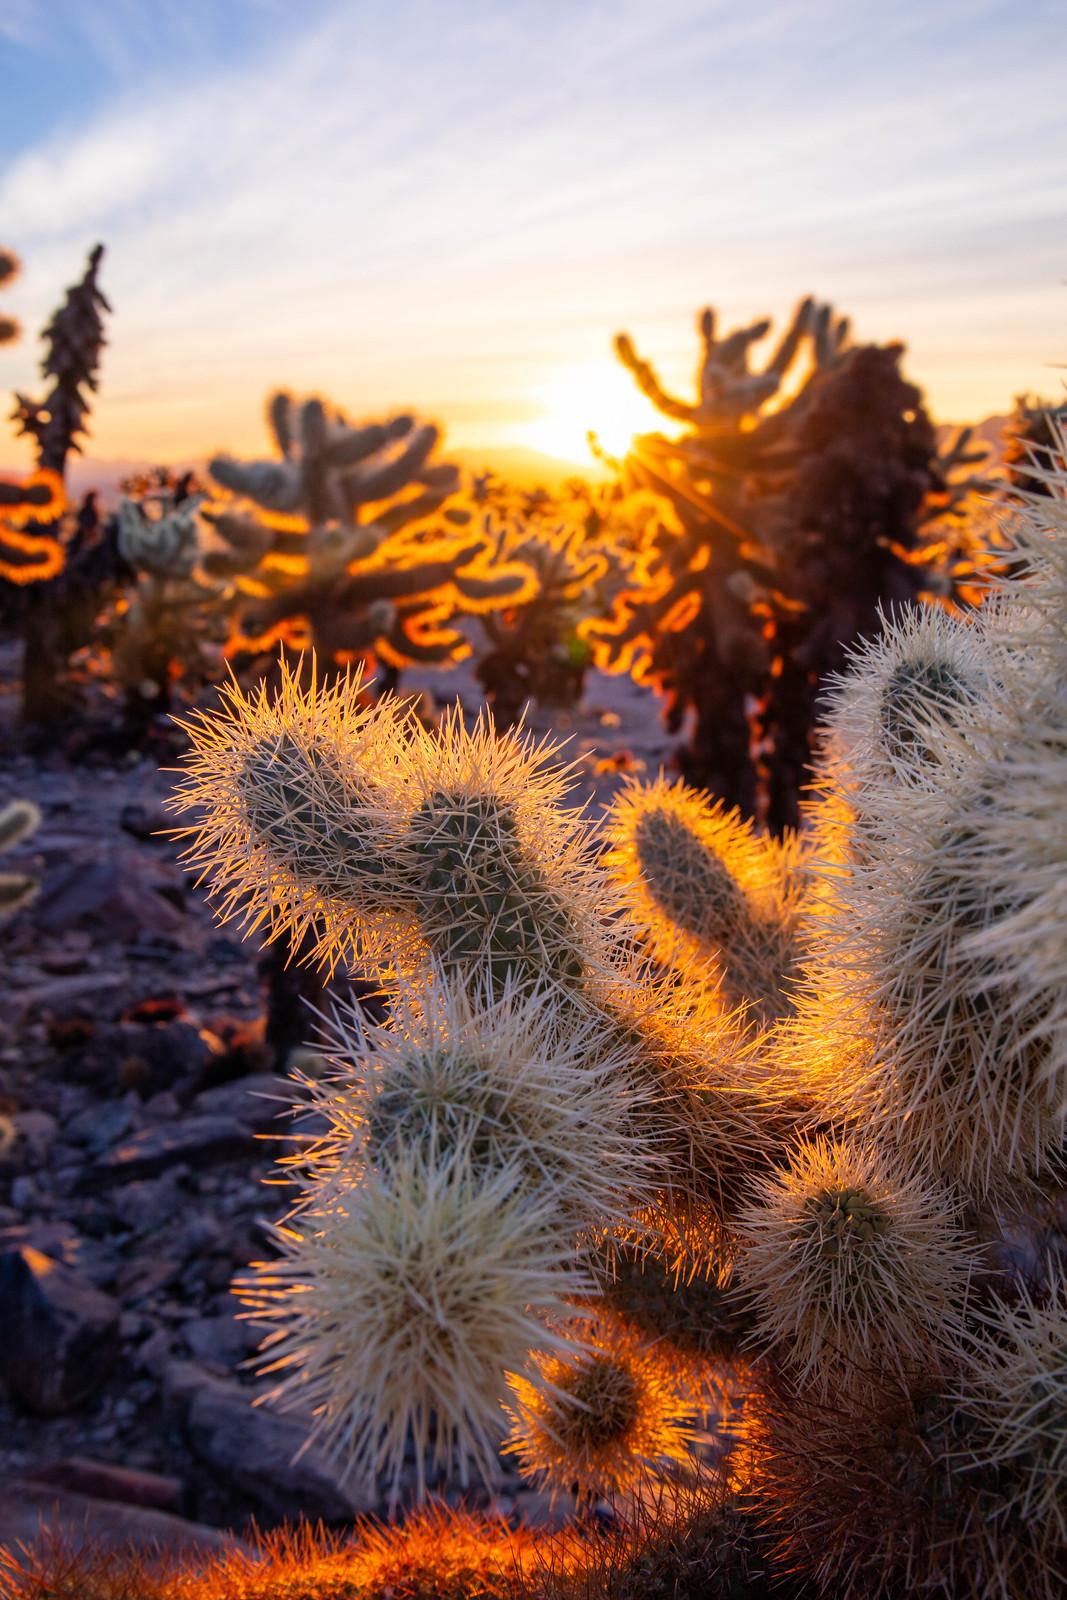 11.23. Joshua Tree National Park